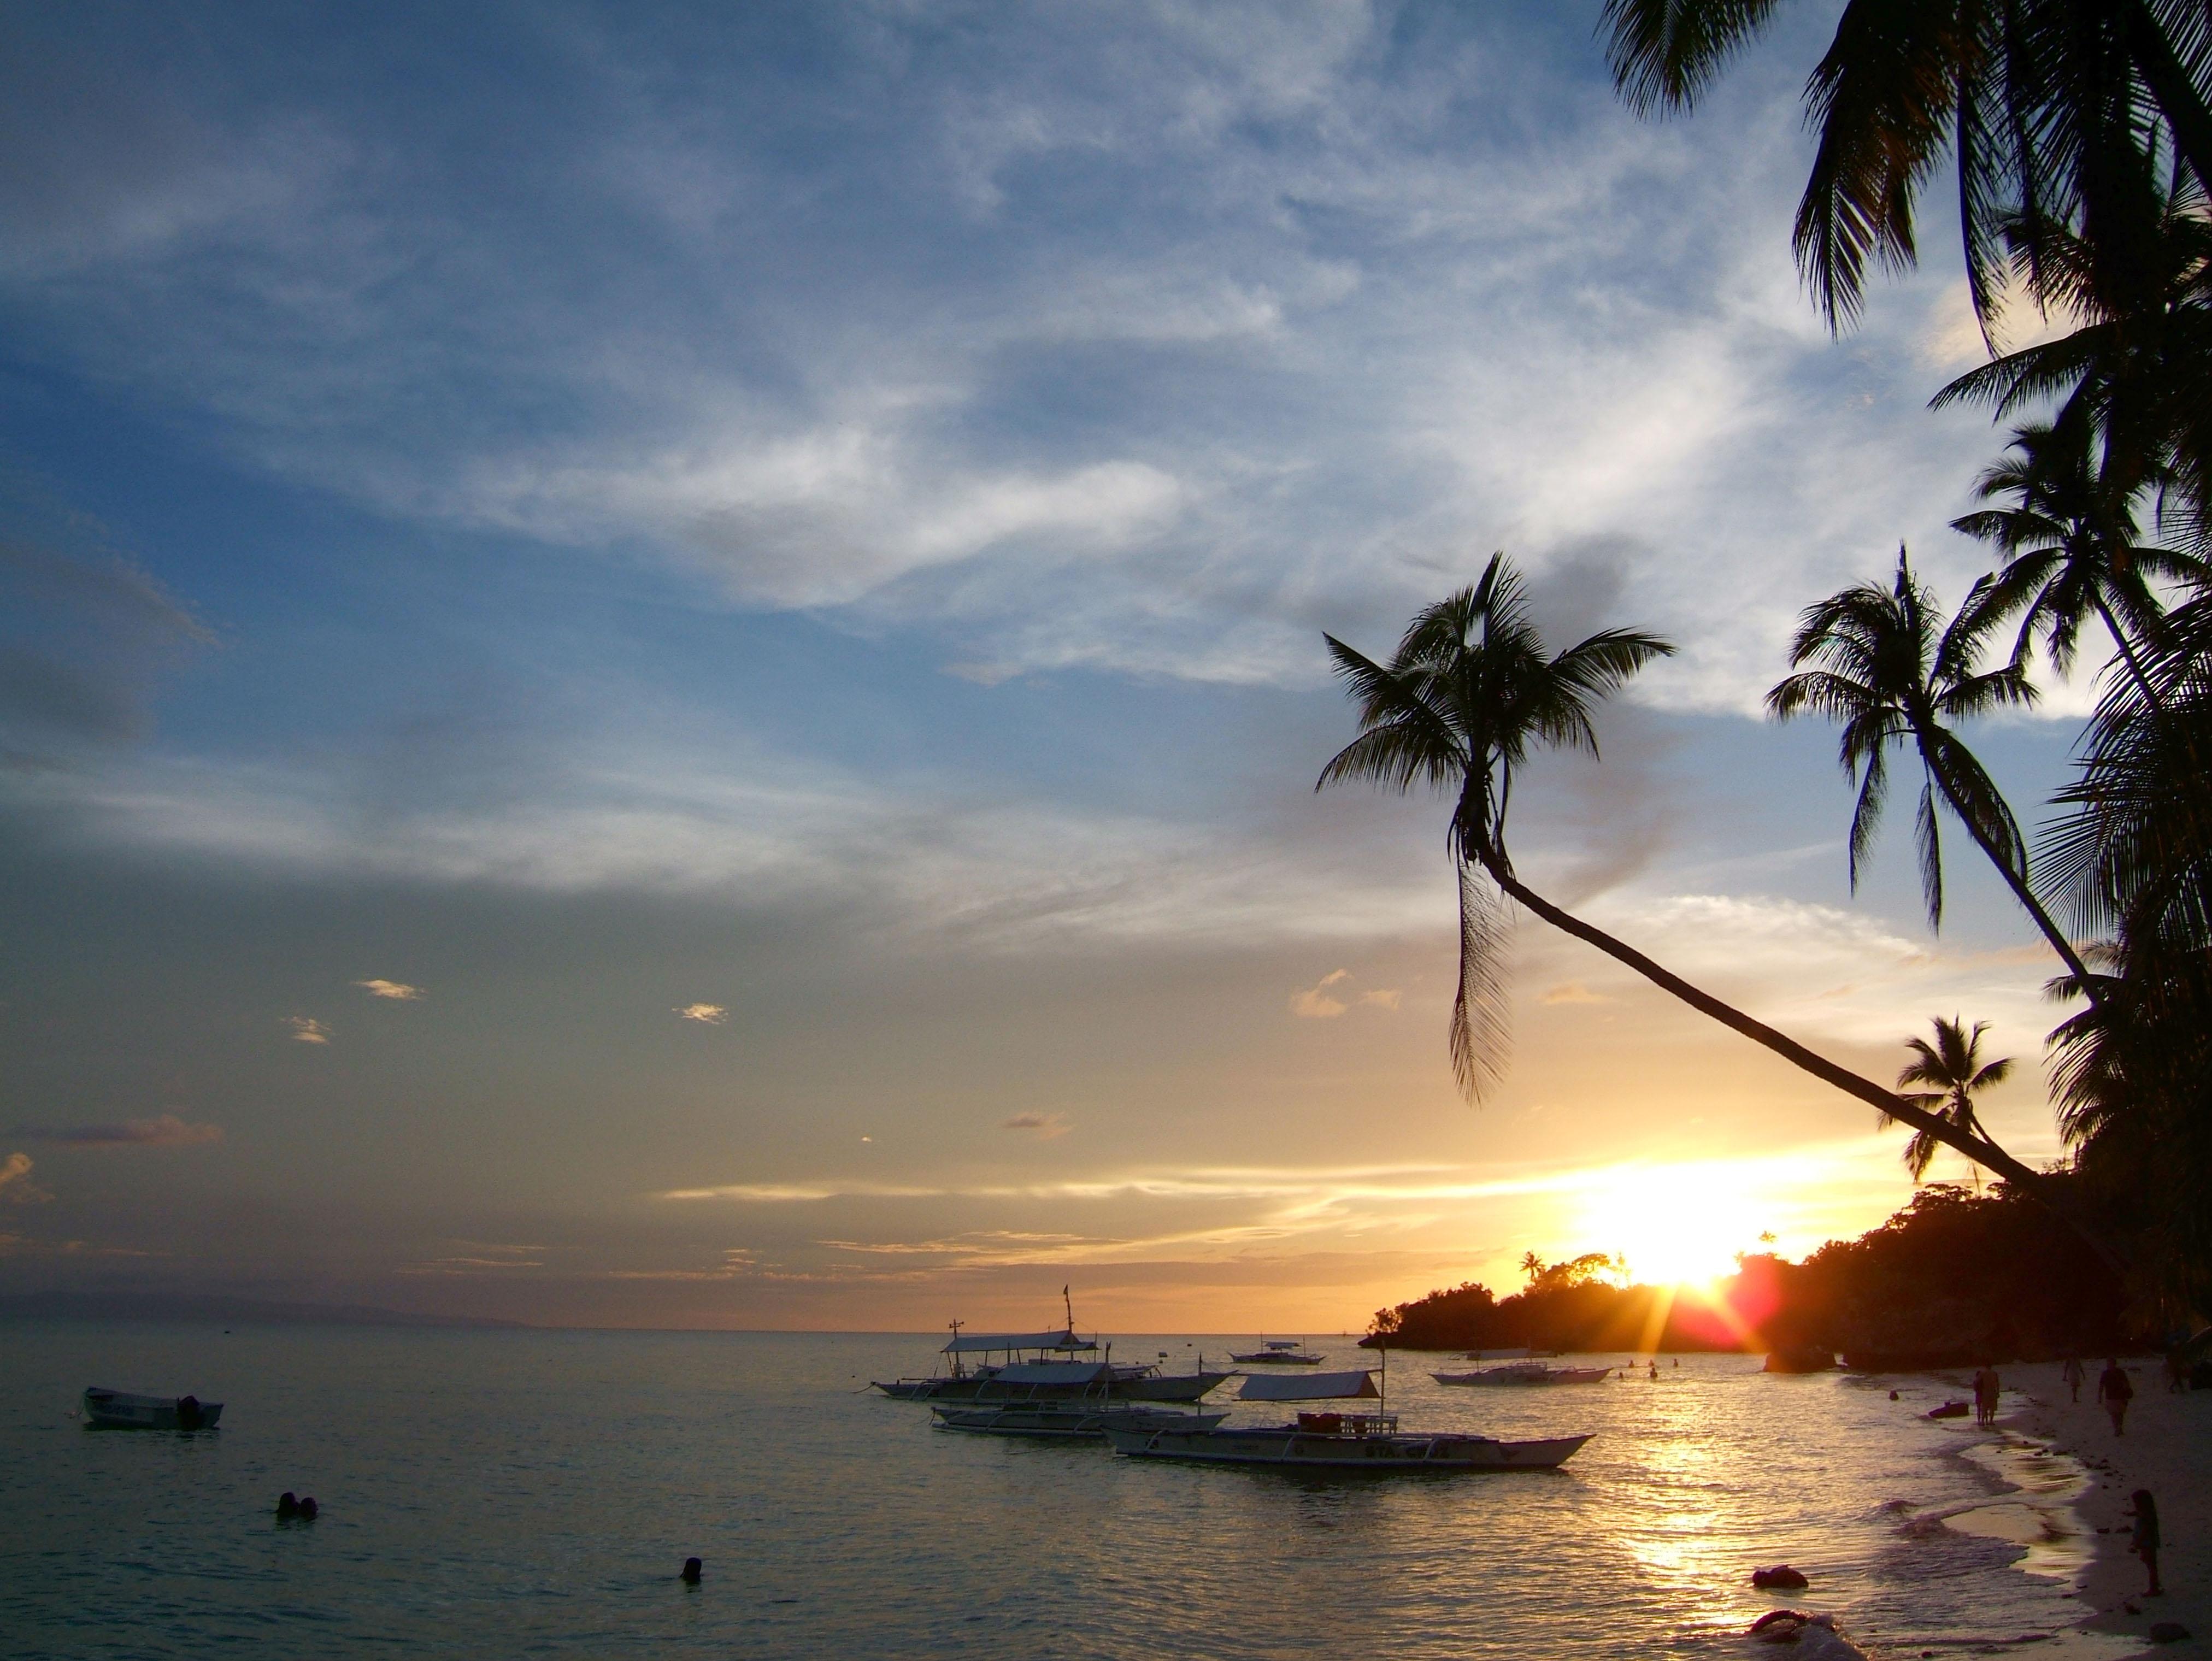 Sunset Philippines Cebu Bahoal 01